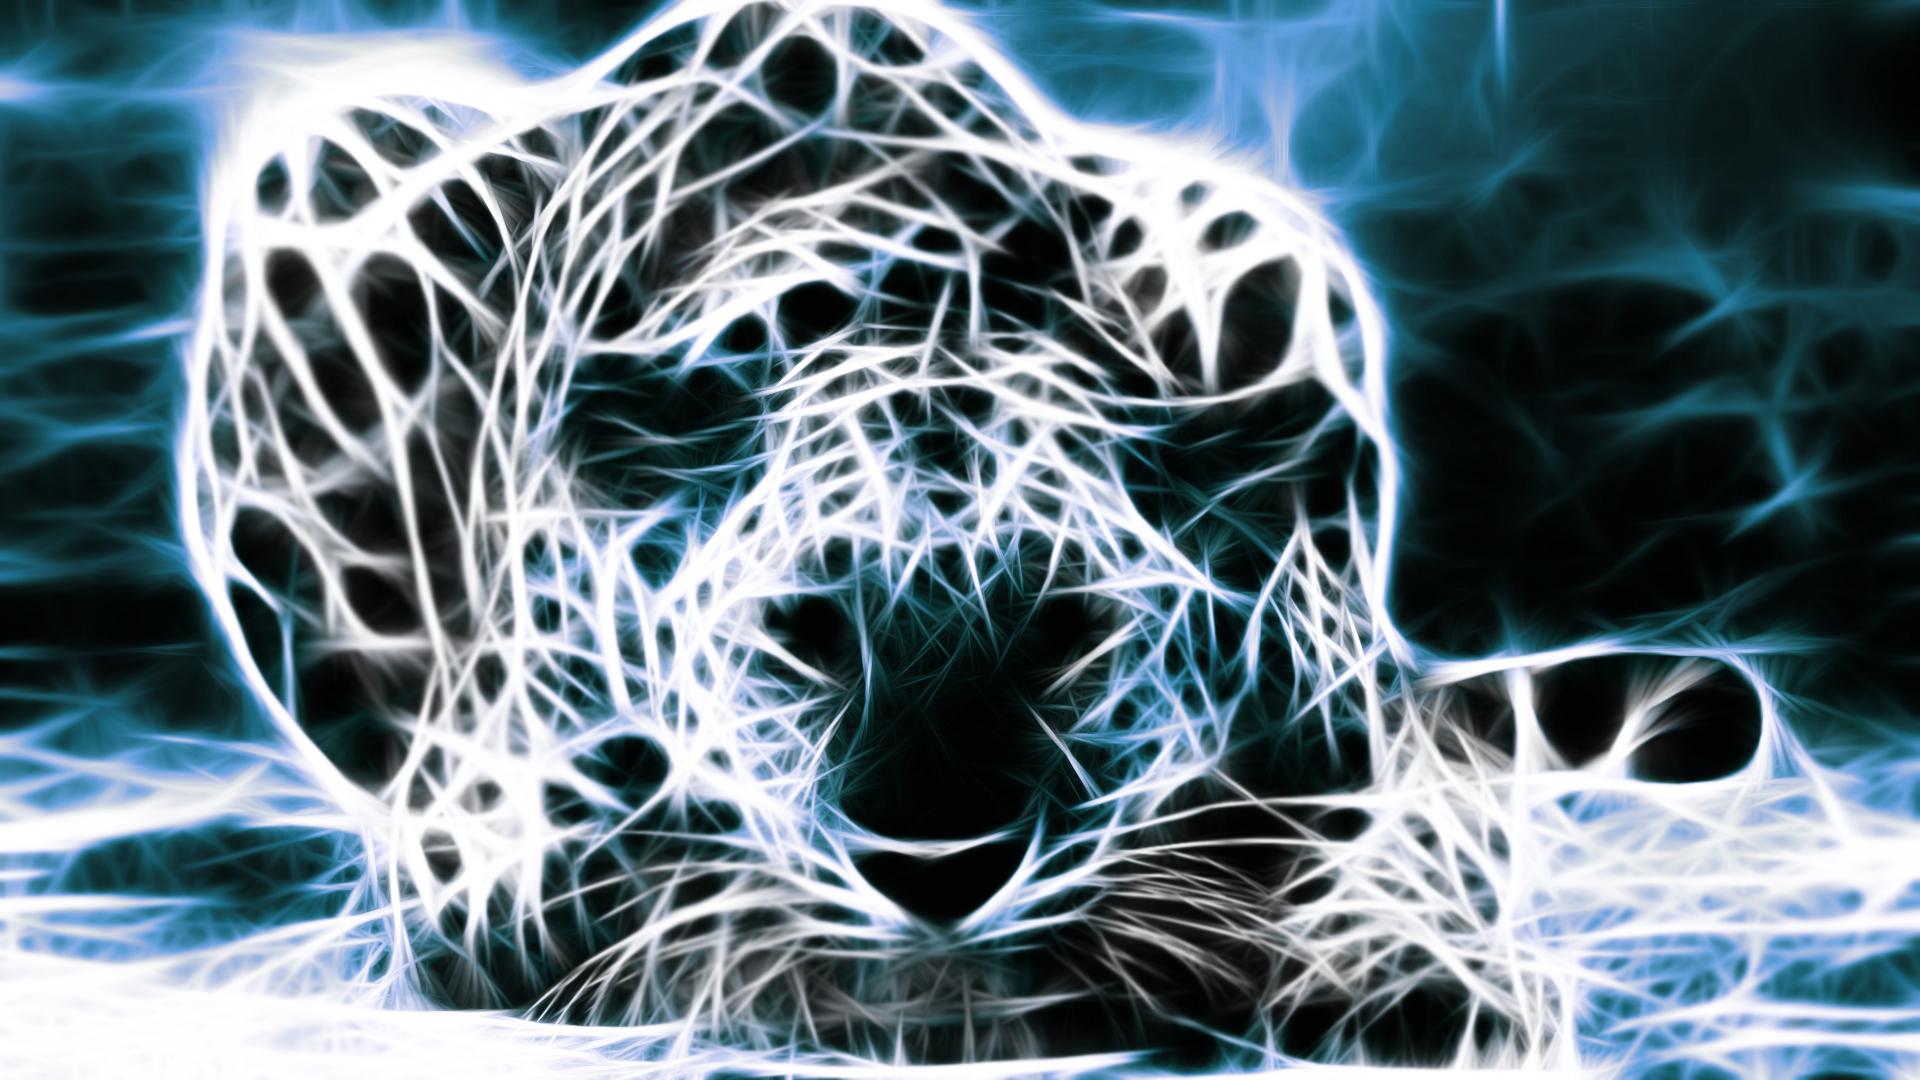 Animaux - Artistique  Fractale Léopard Bleu   Fond d'écran